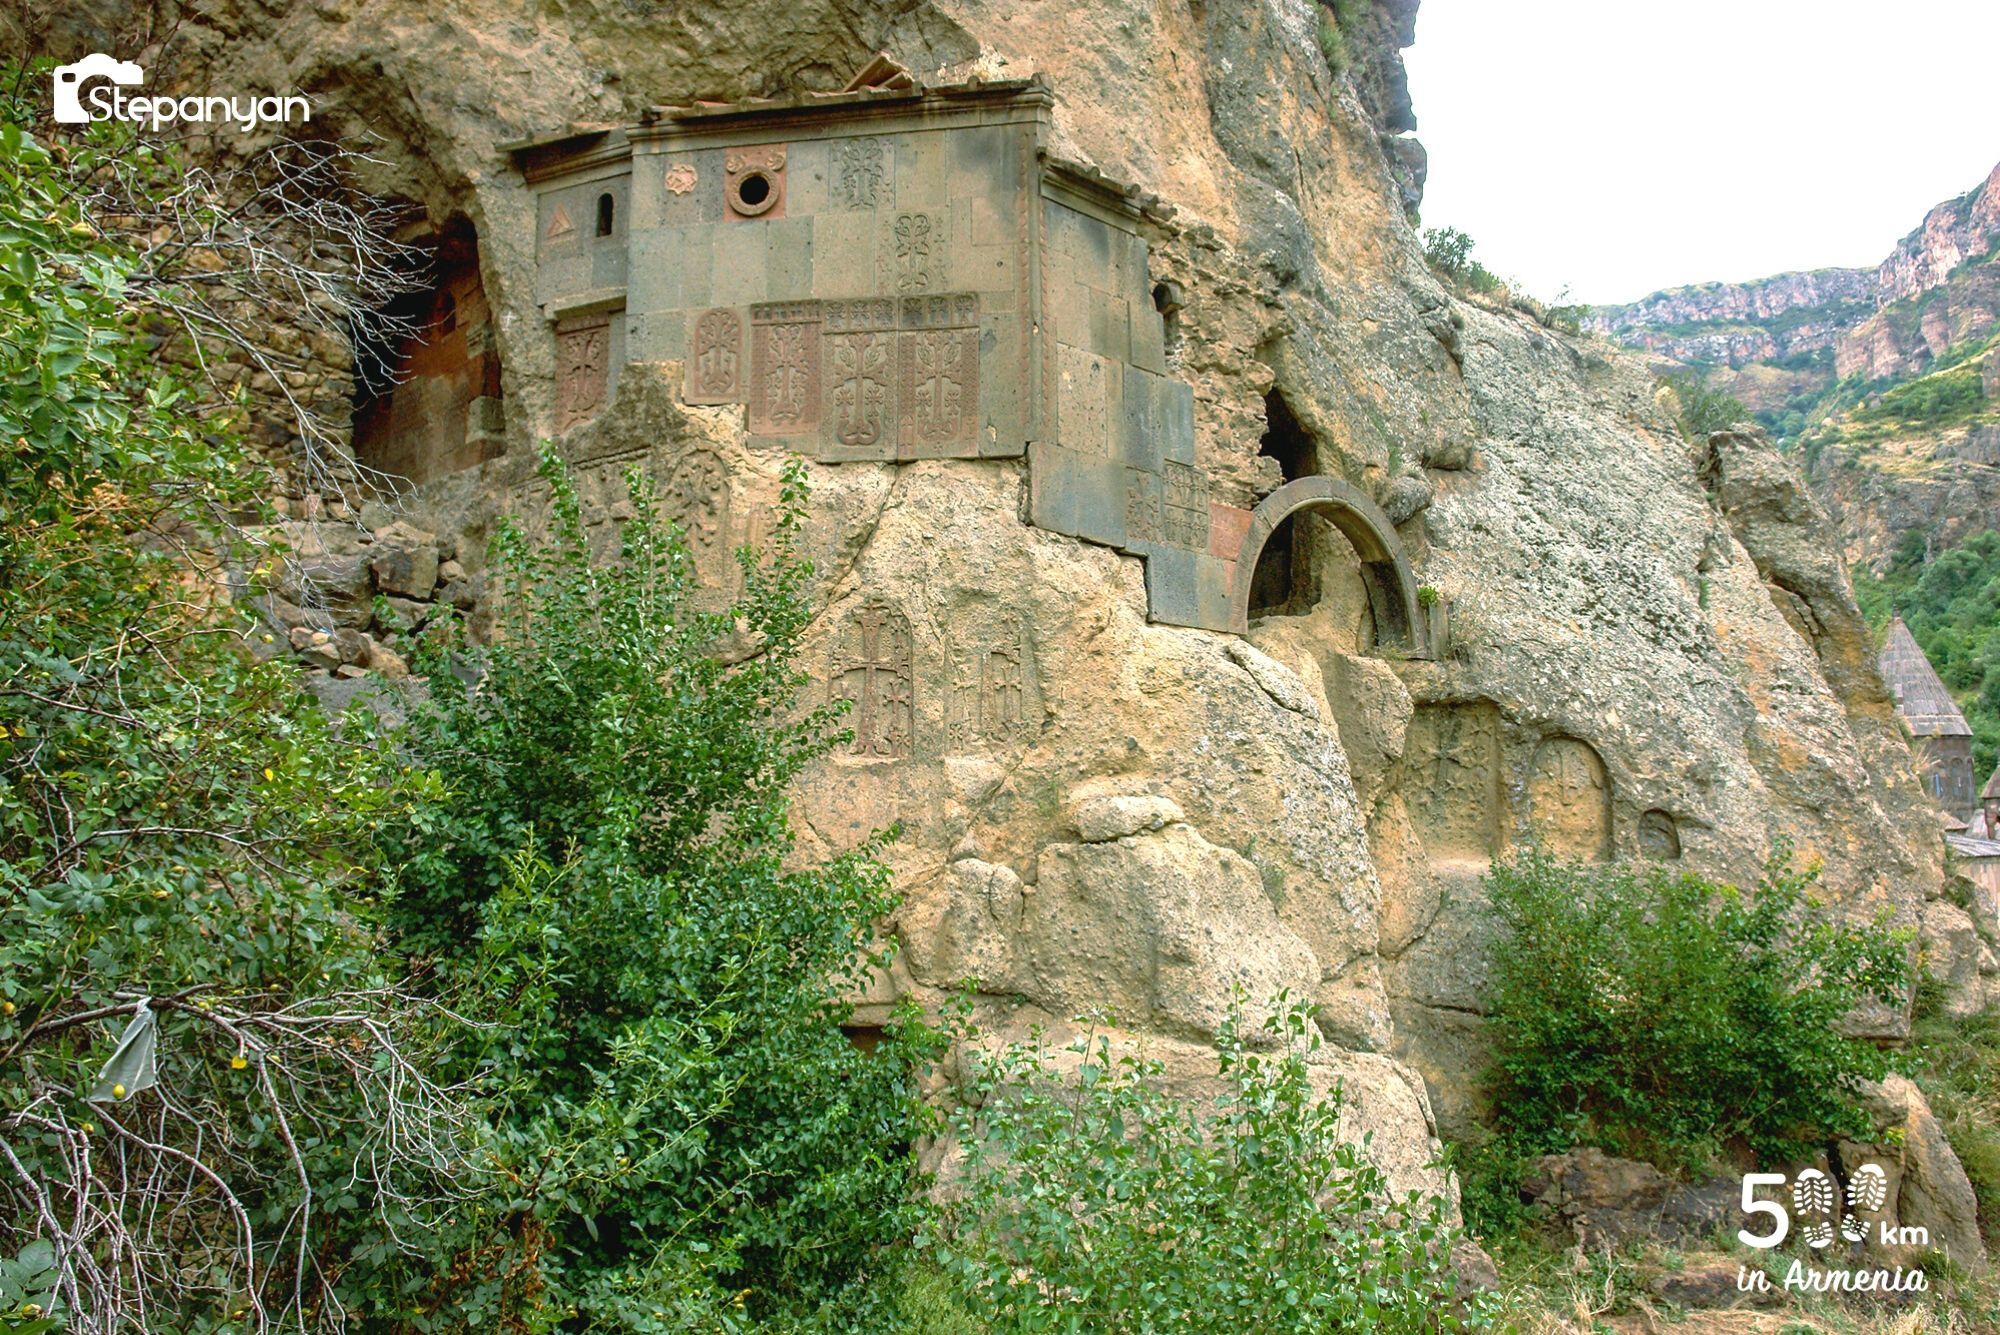 Գեղարդ - 500 կմ Հայաստանում